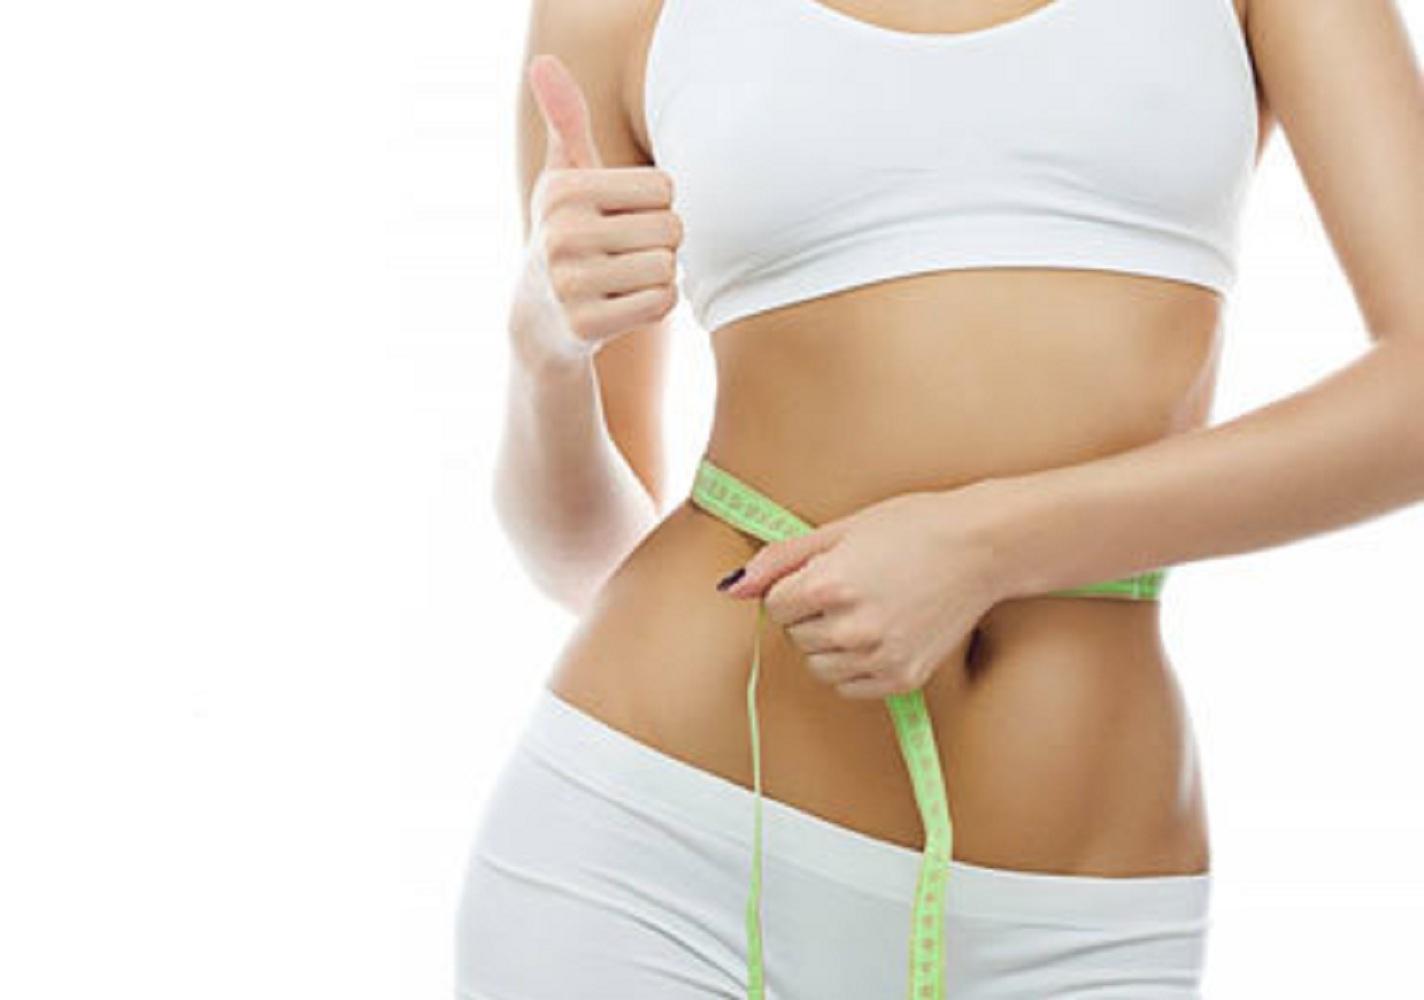 ce ajuta la pierderea grasimilor corporale scădere în greutate și tsh crescut